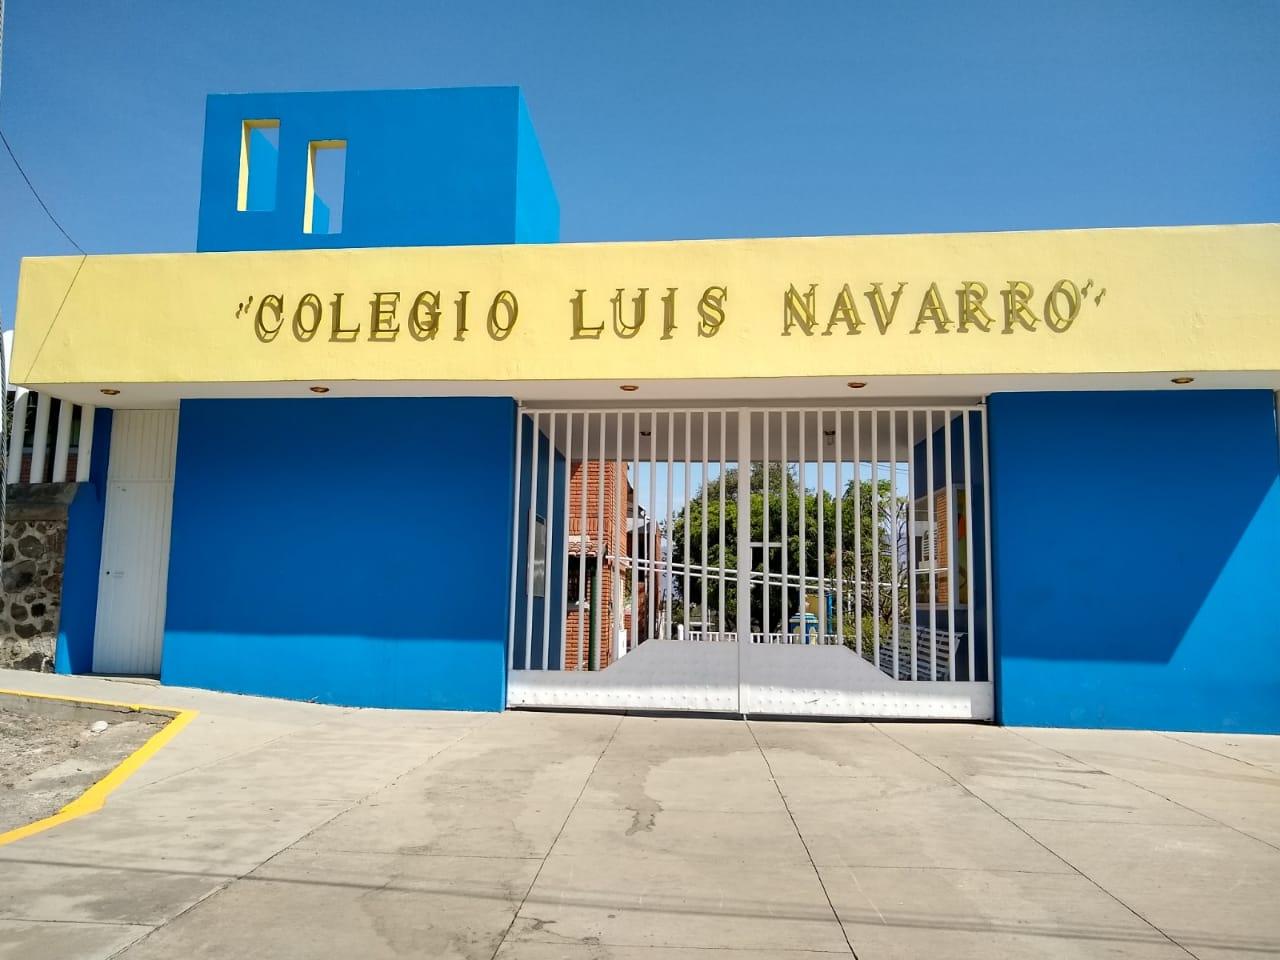 Colegio Luis Navarro - Tequila